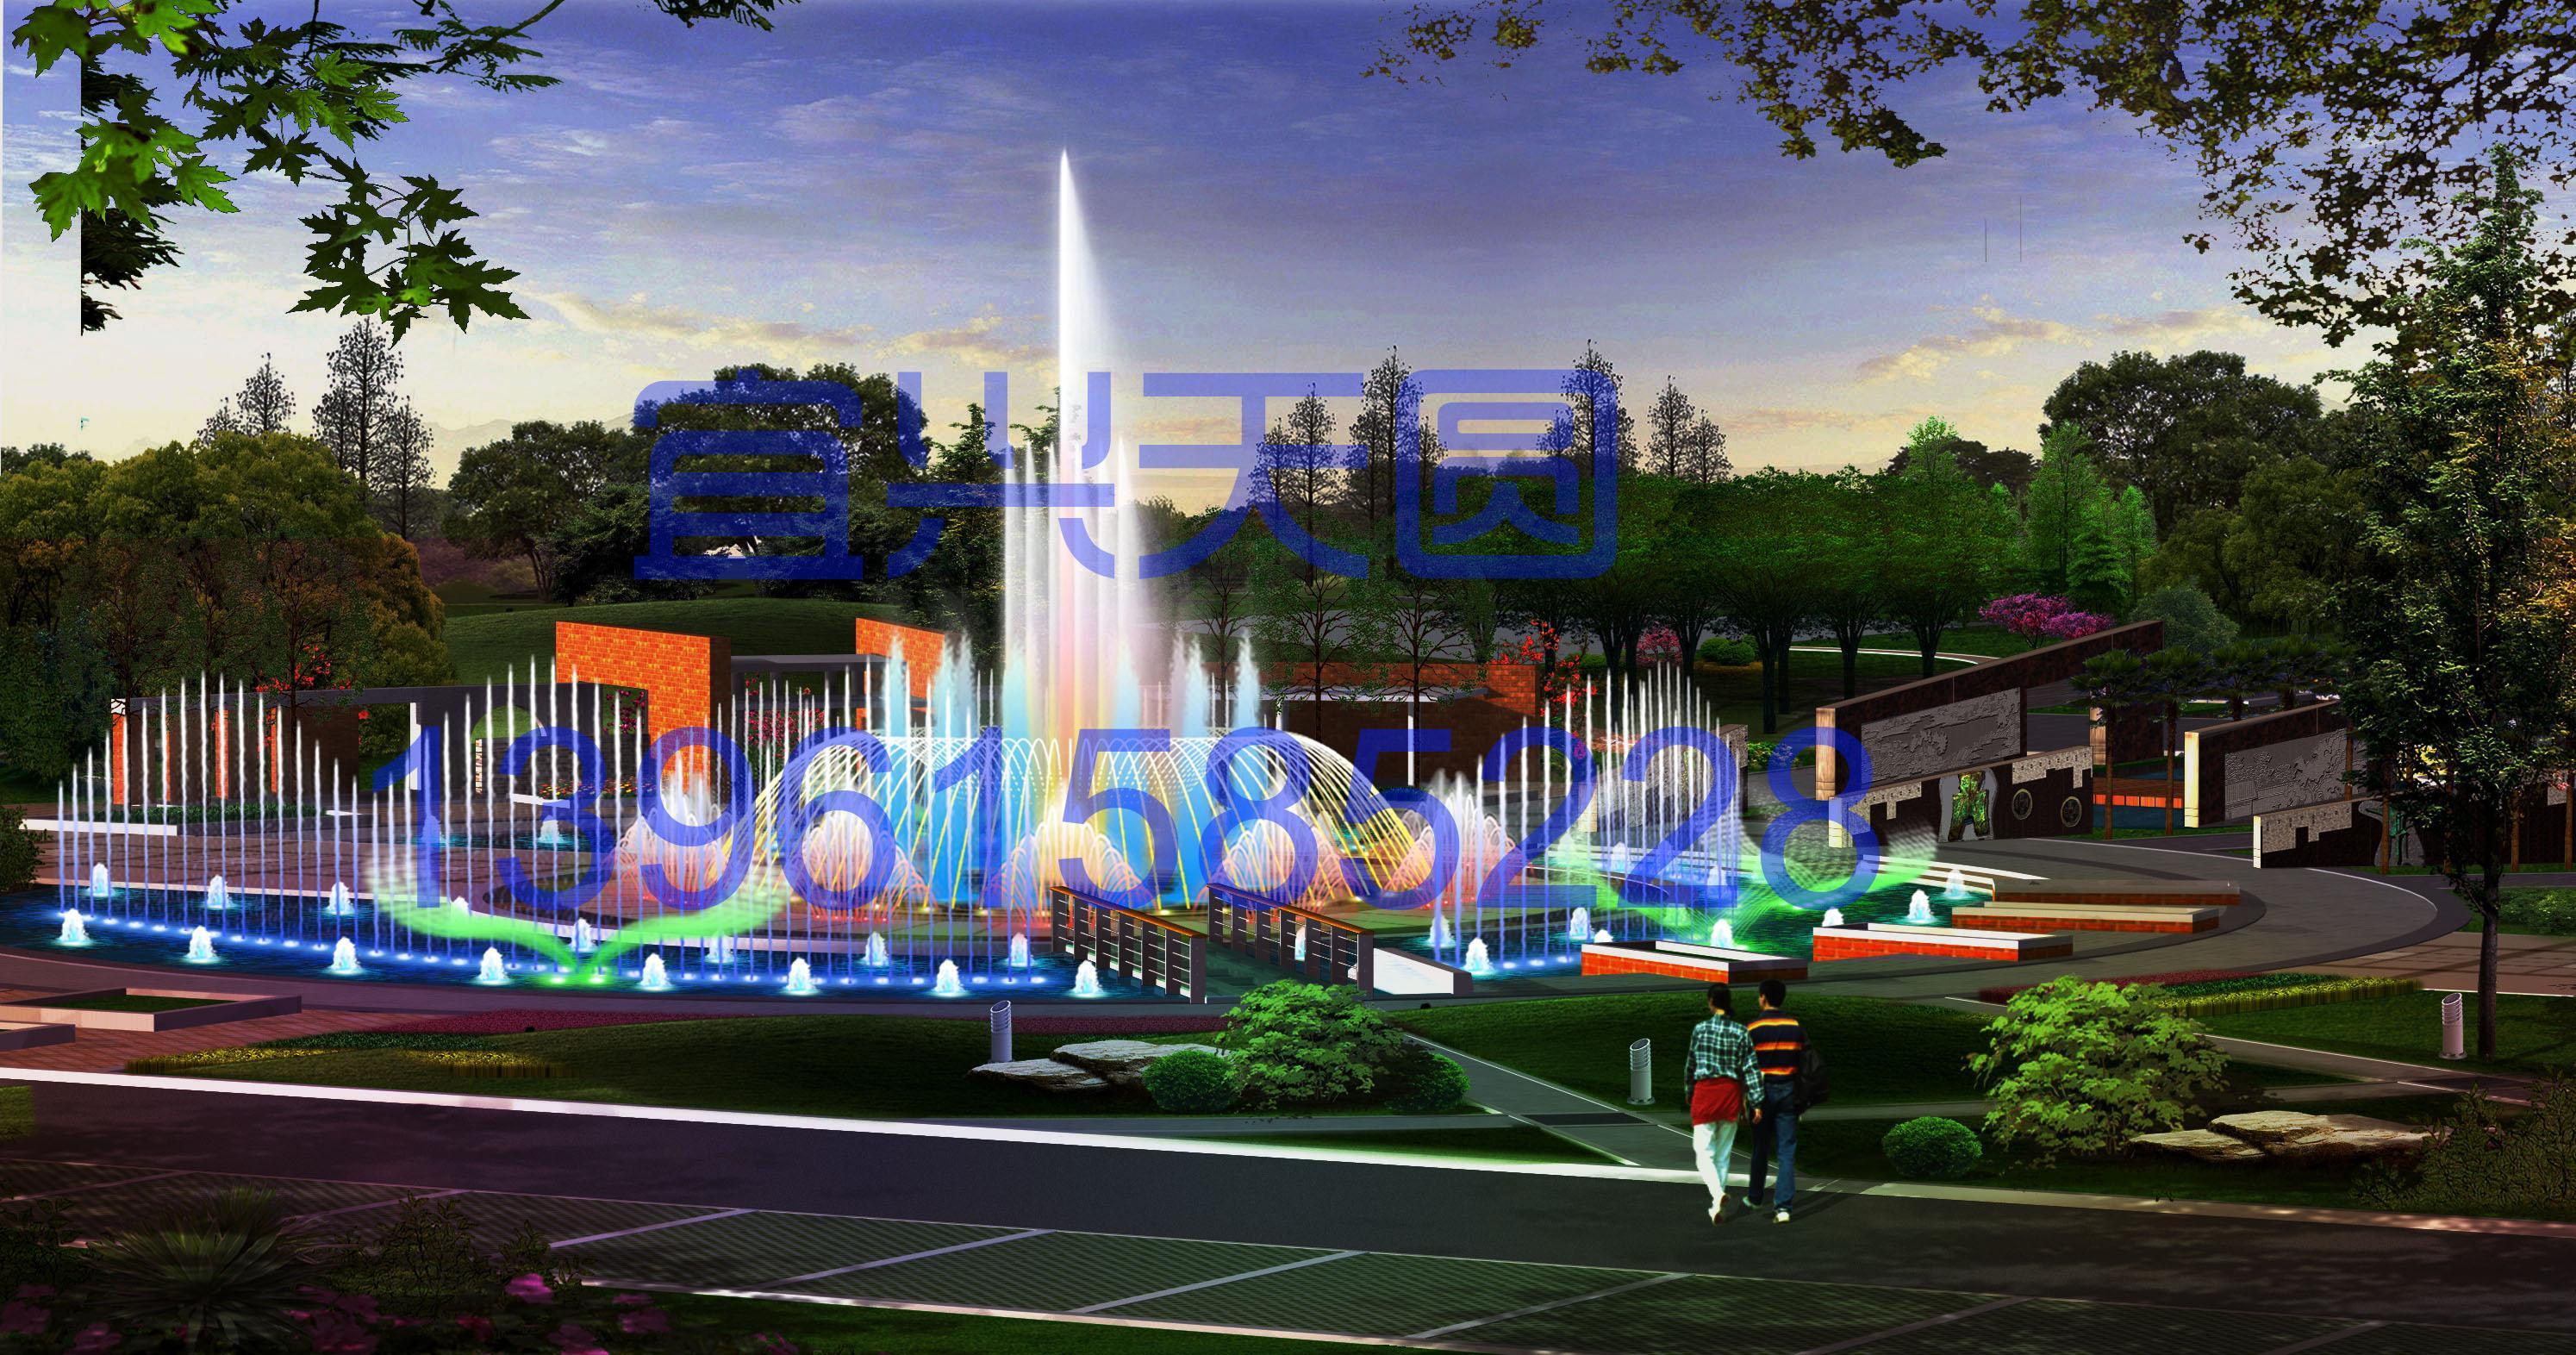 宝鸡市儿童公园音乐喷泉